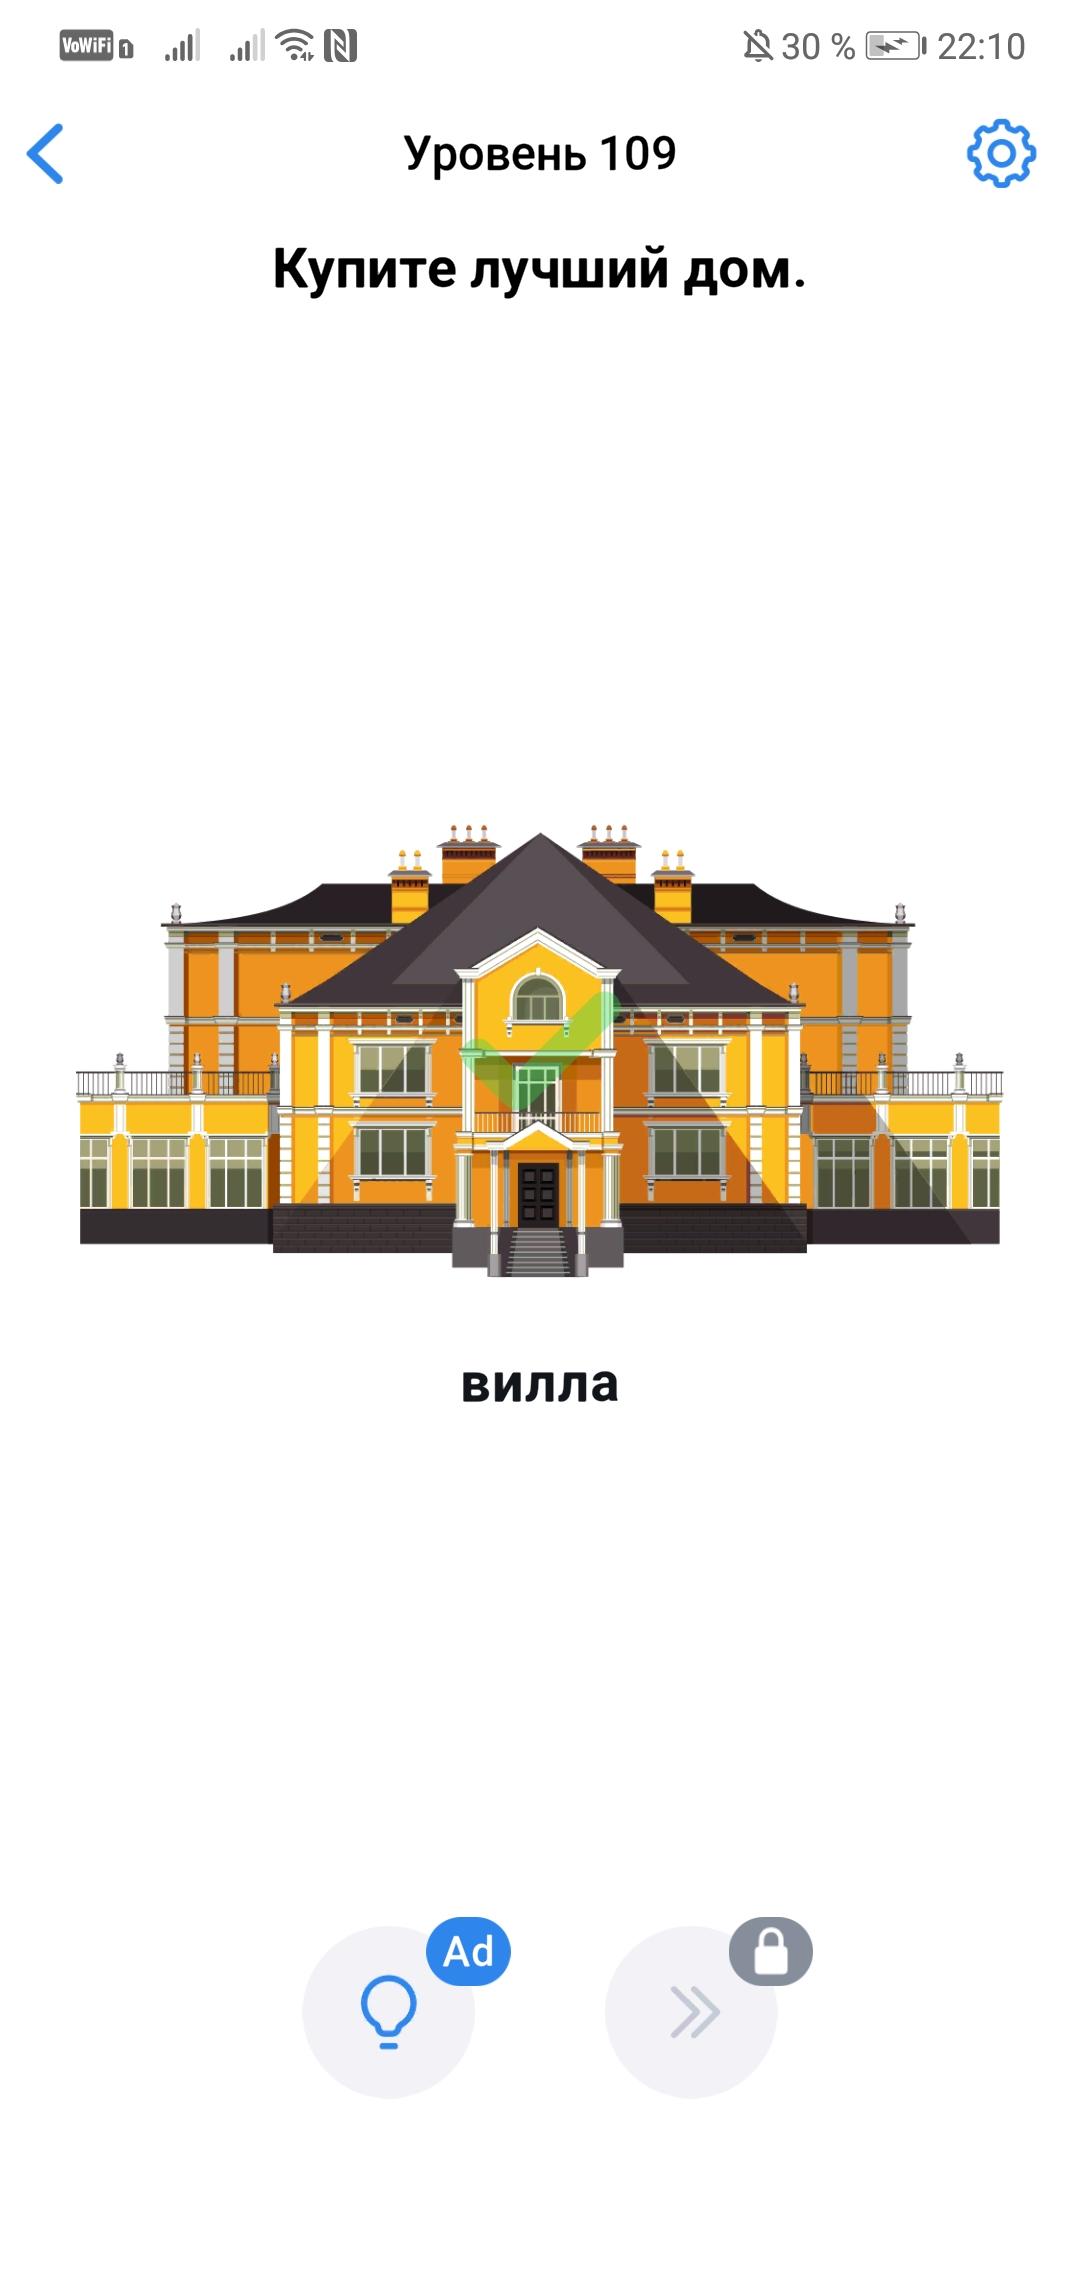 Easy Game - 109 уровень - Купите лучший дом?